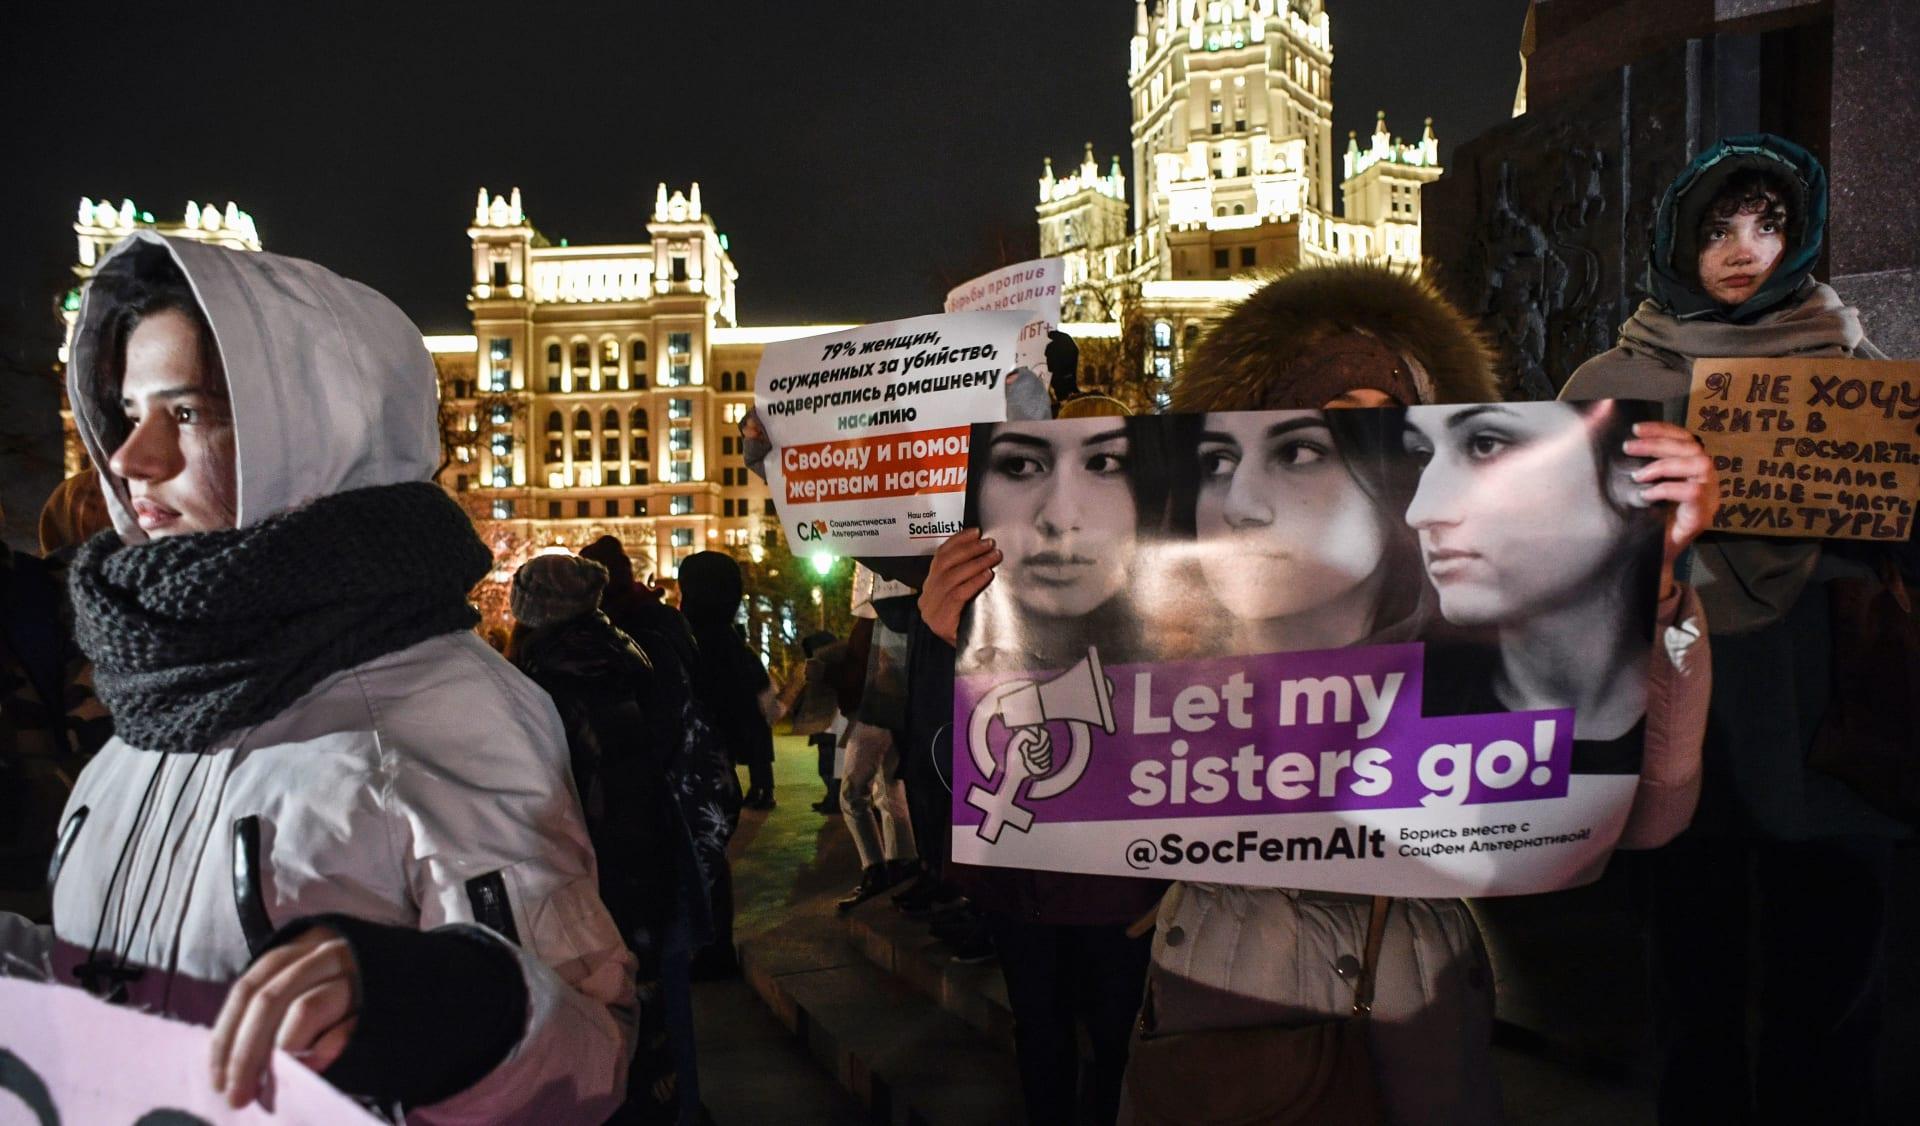 """روسيا.. محاكمة 3 شقيقات متهمات بقتل والدهن بعد """"سنوات من الاعتداء الجنسي والجسدي"""""""